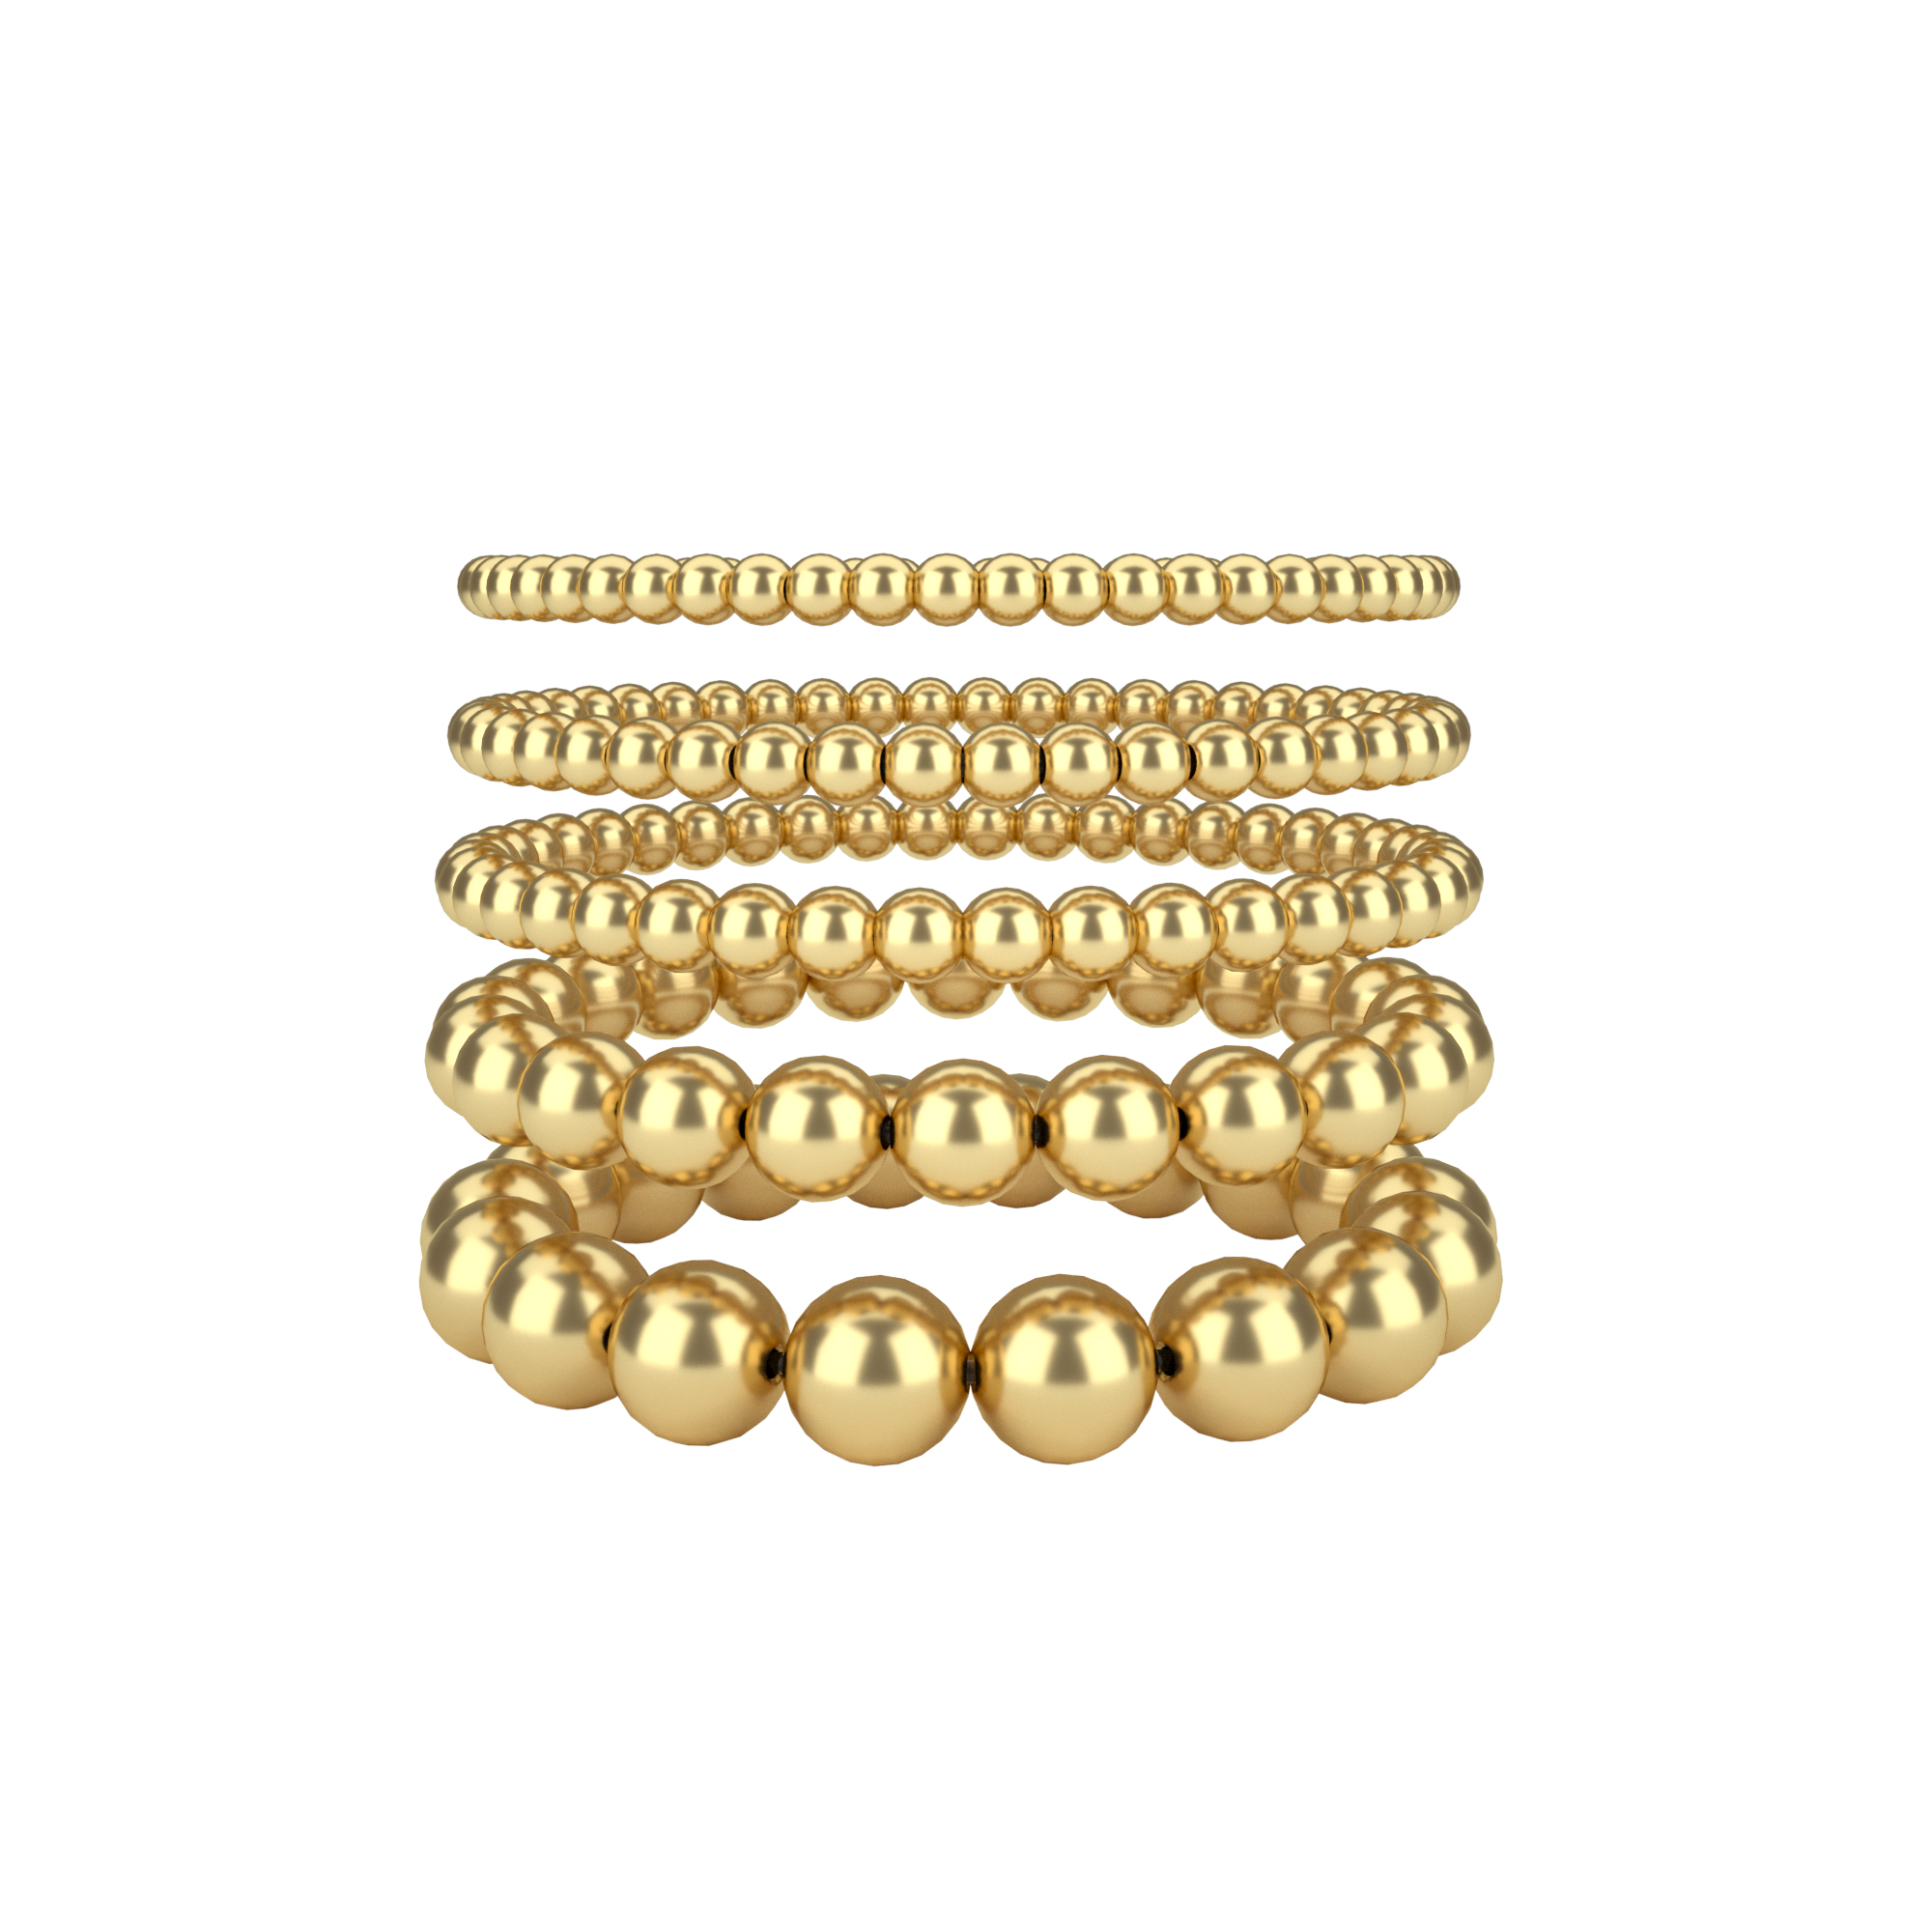 6MM 8MM 10MM Gold Farbe Perlen Armband für Frauen Trendy Erklärung Big Runde Perlen Handgemachte Armband 3 teile/satz Mode Schmuck